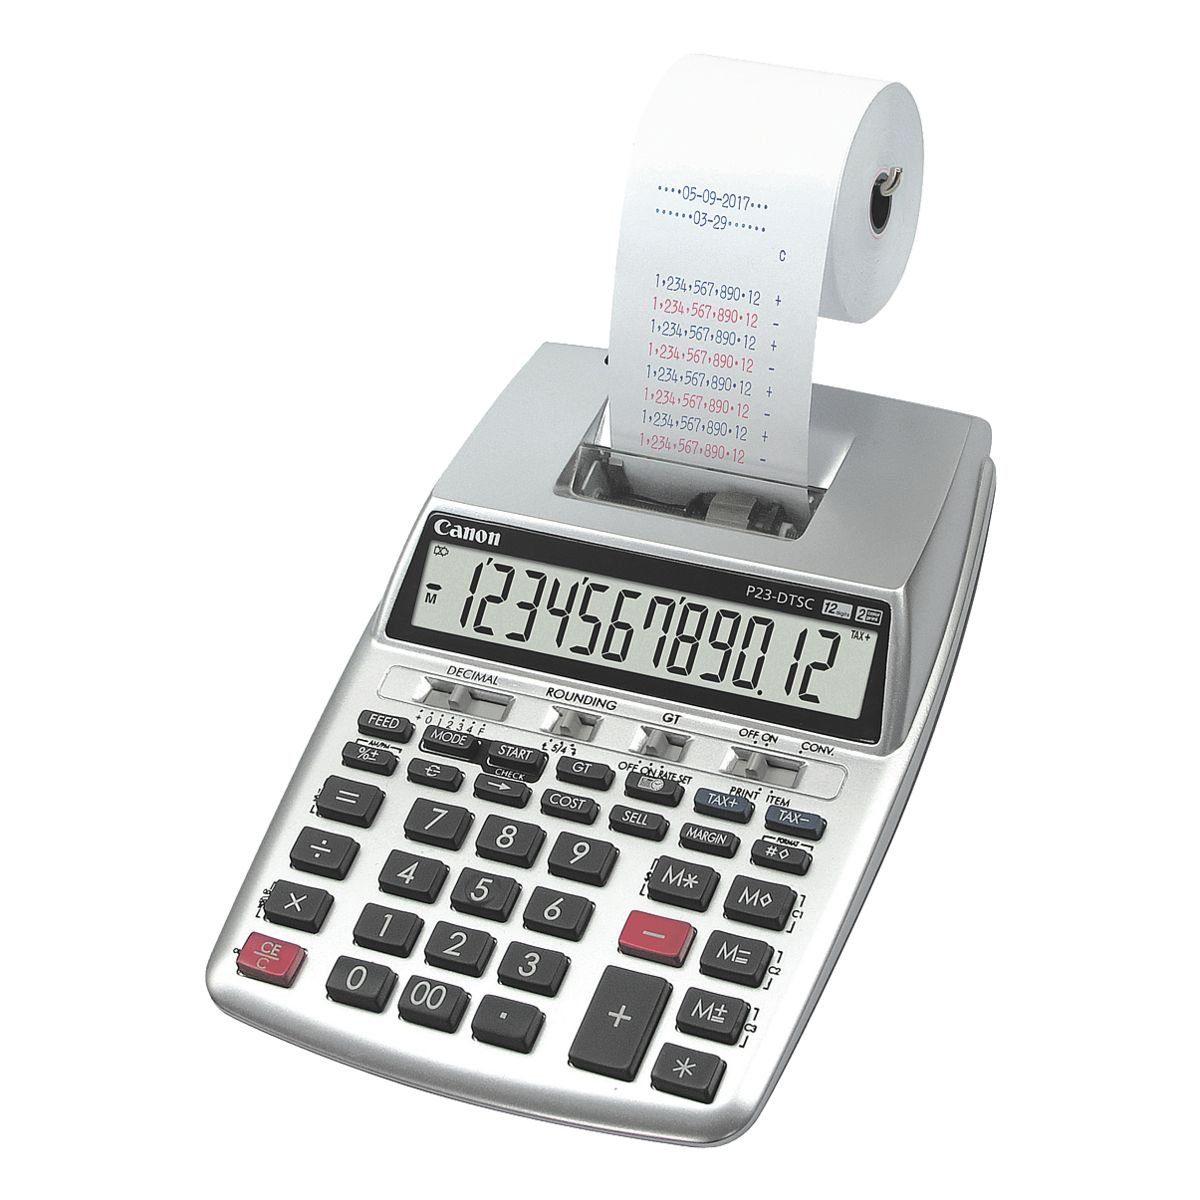 Canon Druckender Tischrechner »P23-DTSC II«